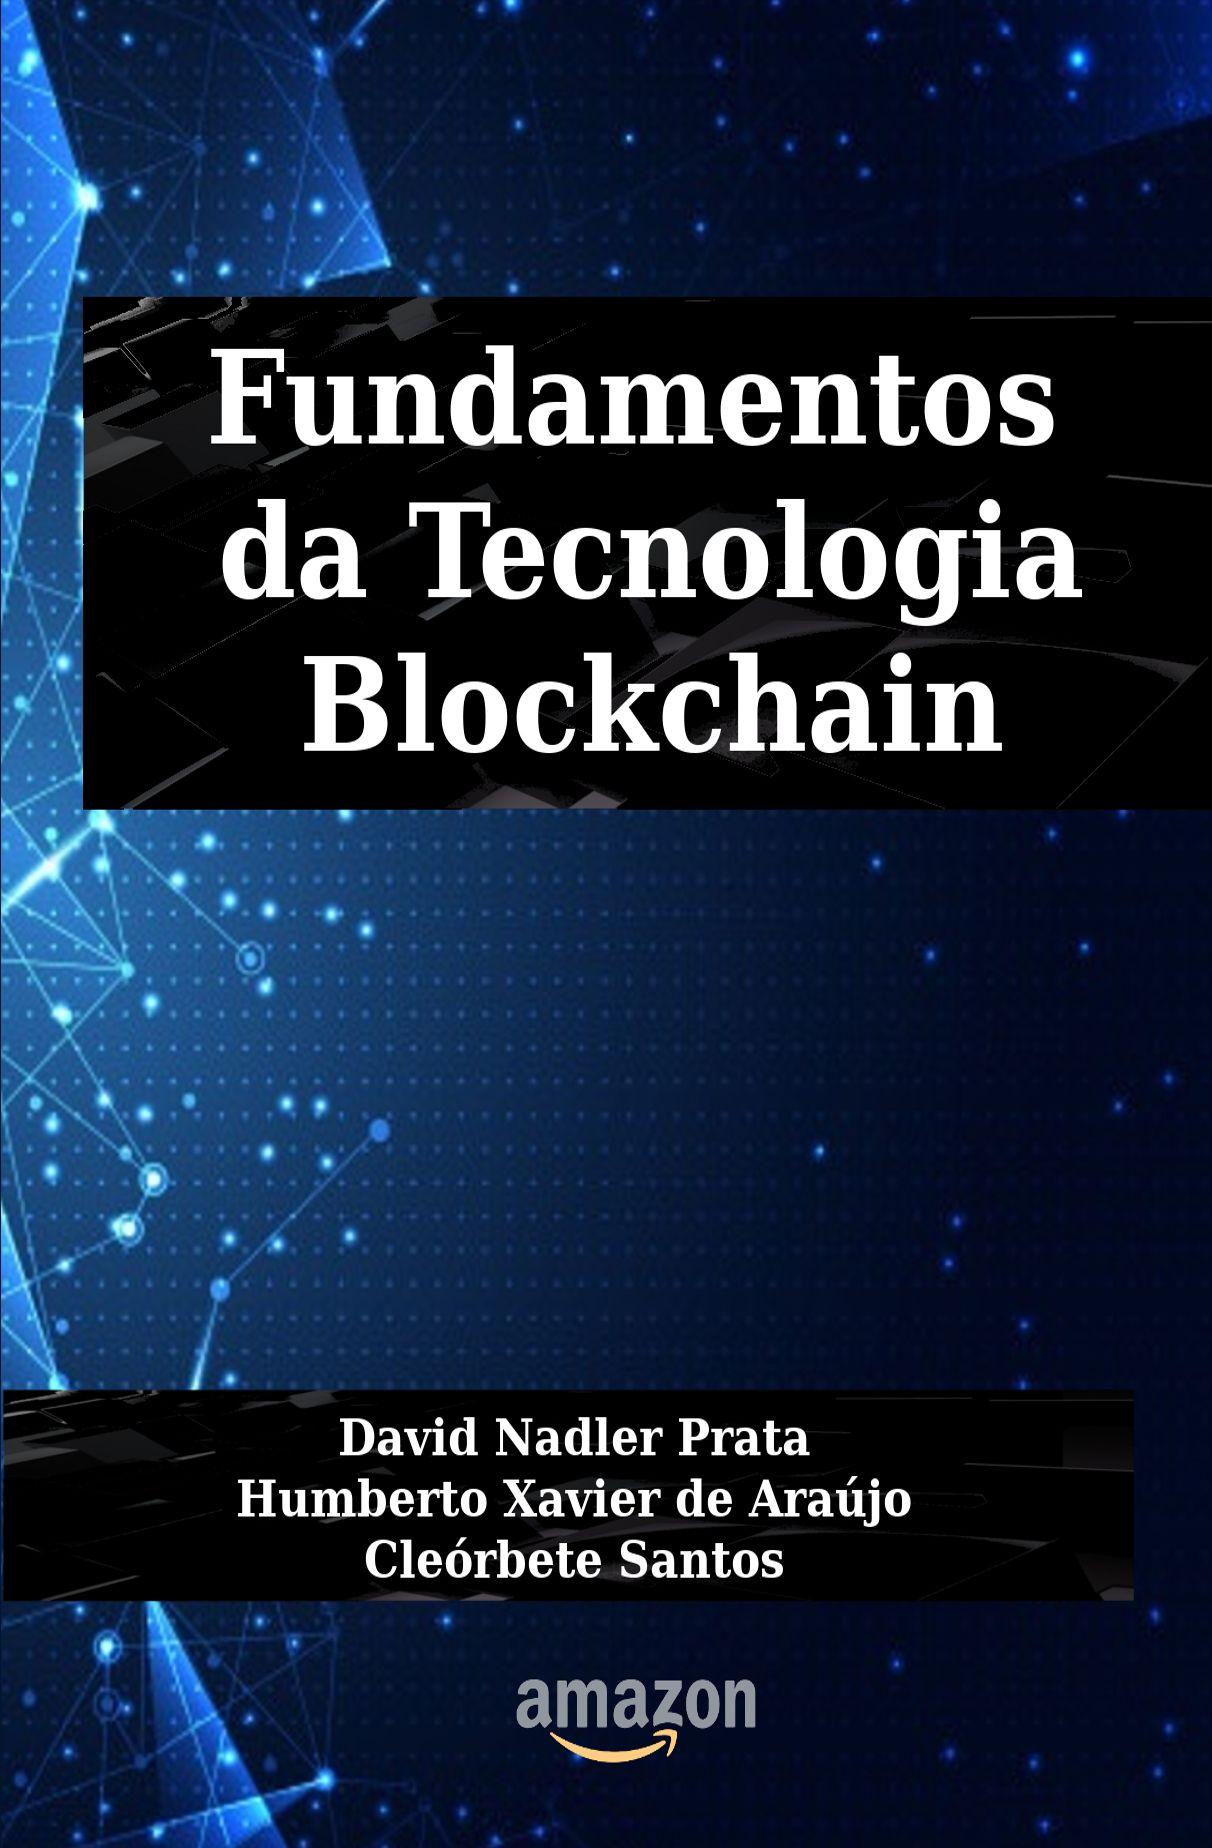 Fundamentos da Tecnologia Blockchain